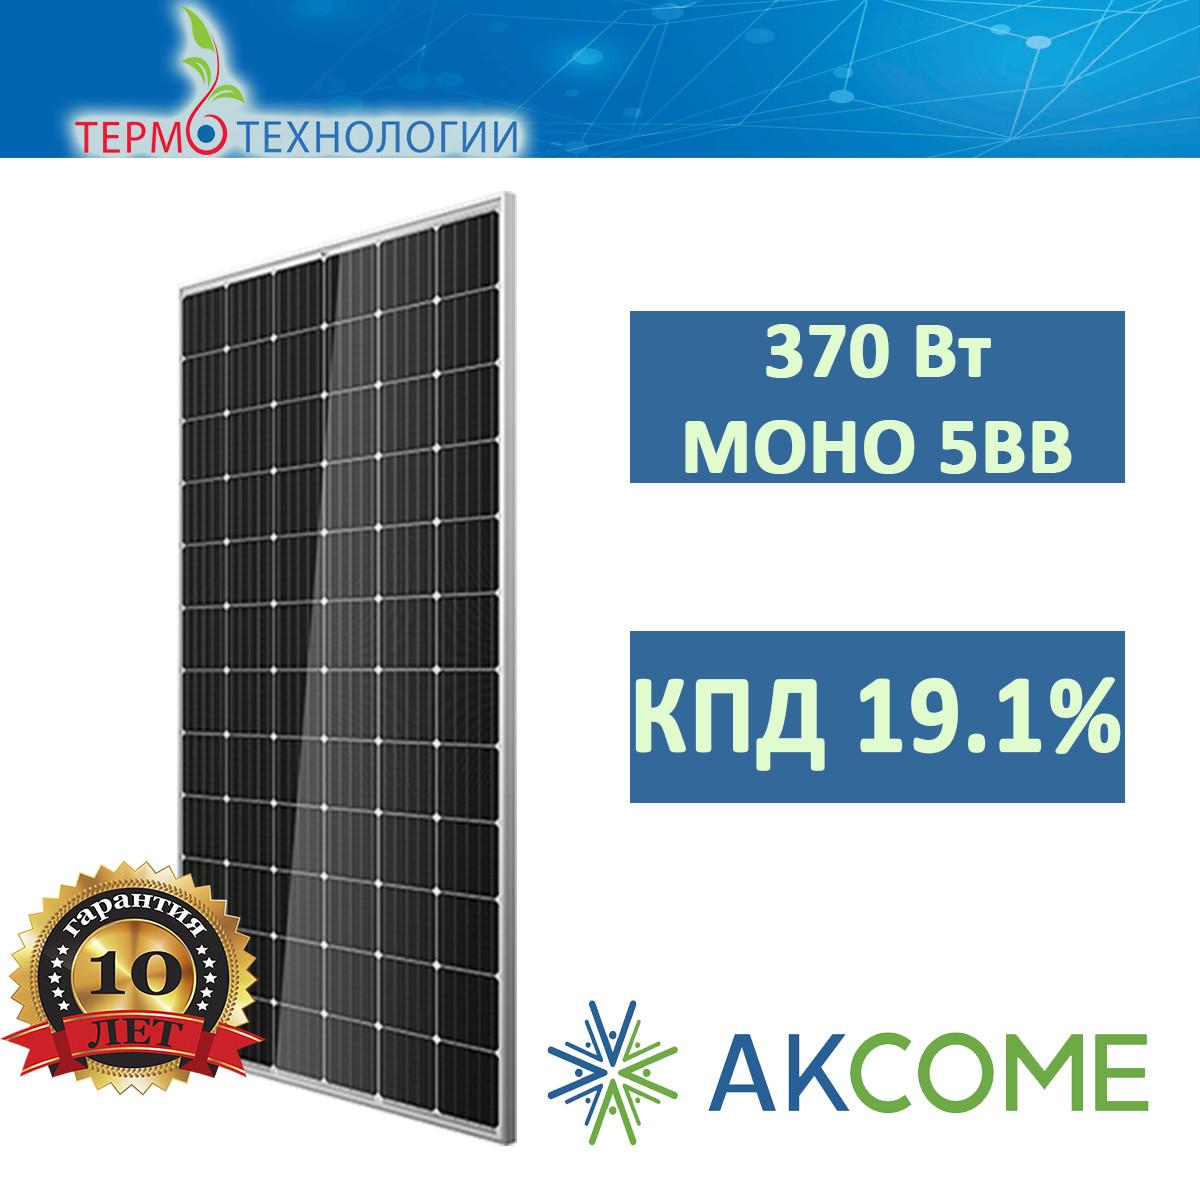 Солнечная батарея Akcome 370 Вт, Mono